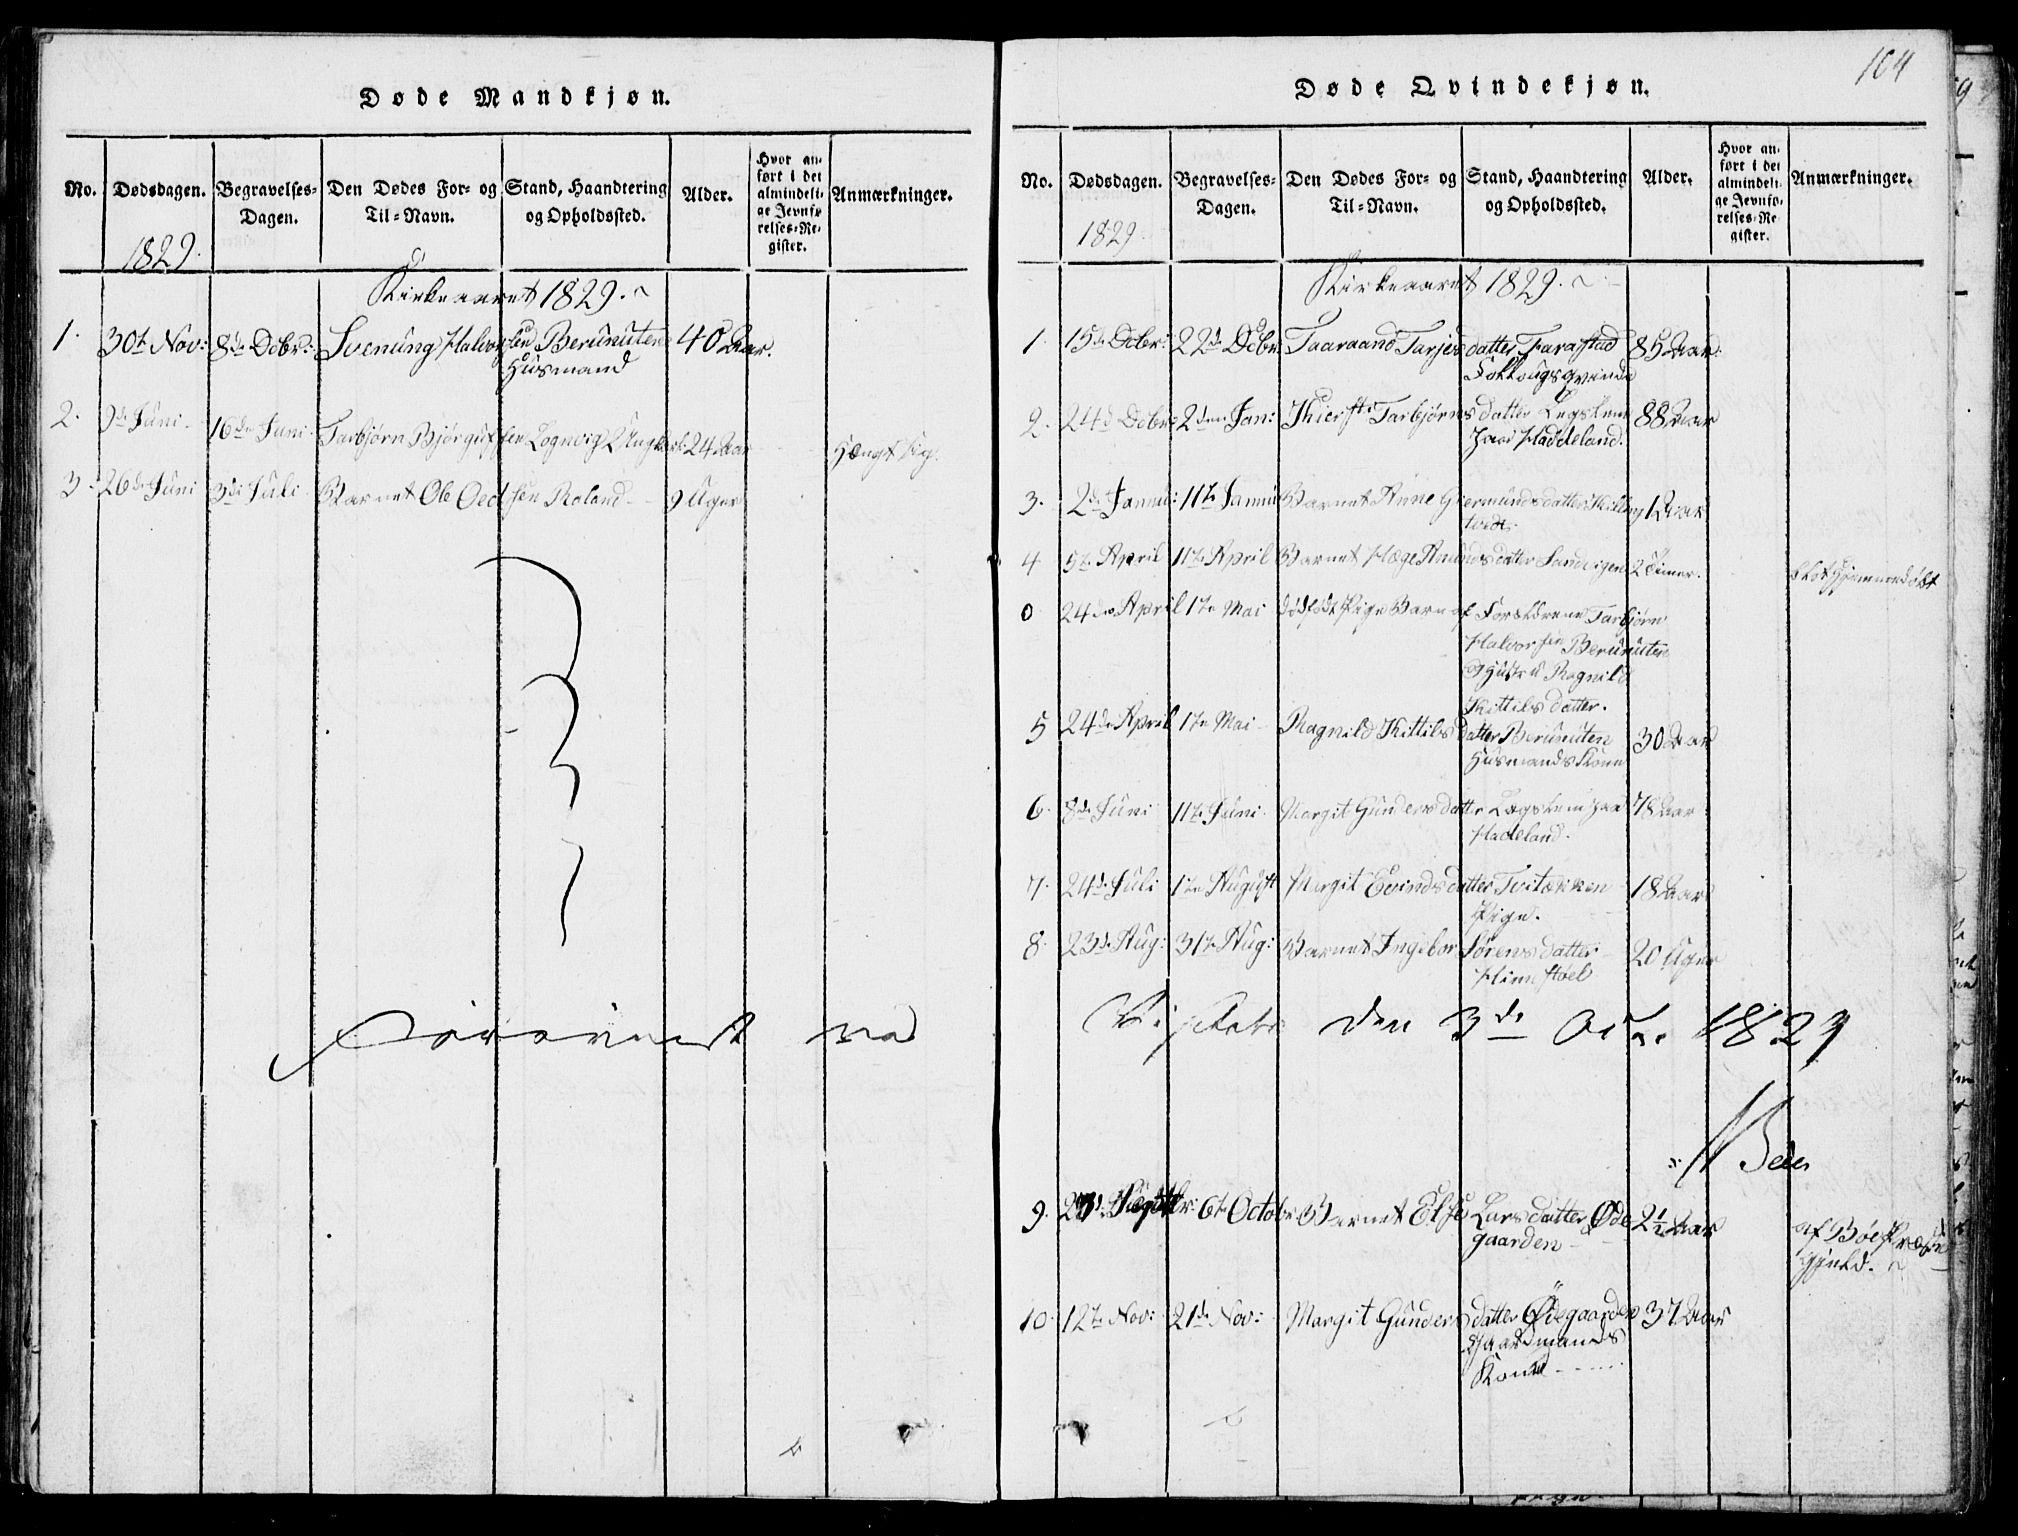 SAKO, Rauland kirkebøker, G/Ga/L0001: Klokkerbok nr. I 1, 1814-1843, s. 104